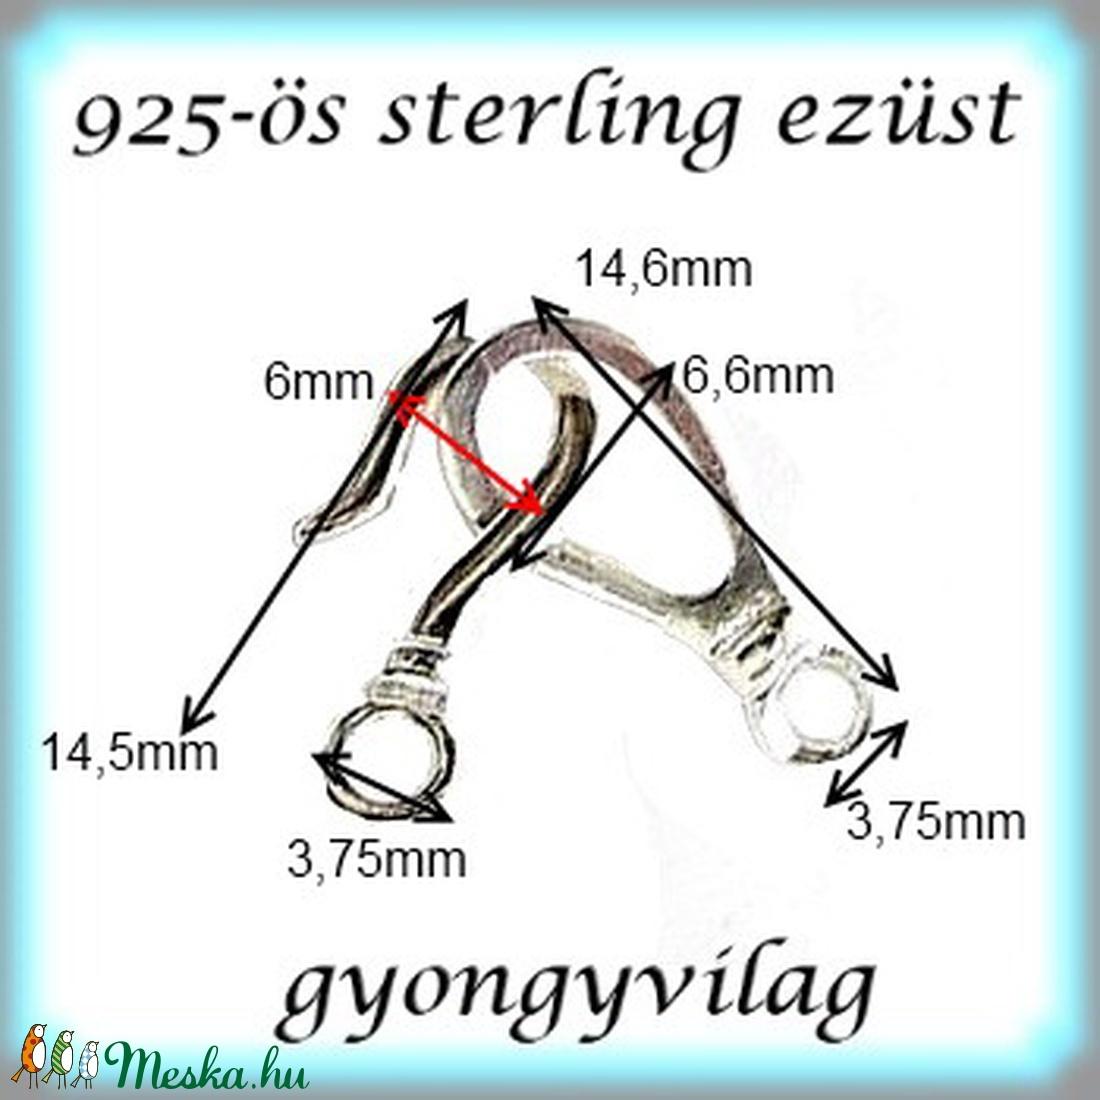 925-ös ezüst 1soros lánckapocs ELK 07 - gyöngy, ékszerkellék - egyéb alkatrész - Meska.hu